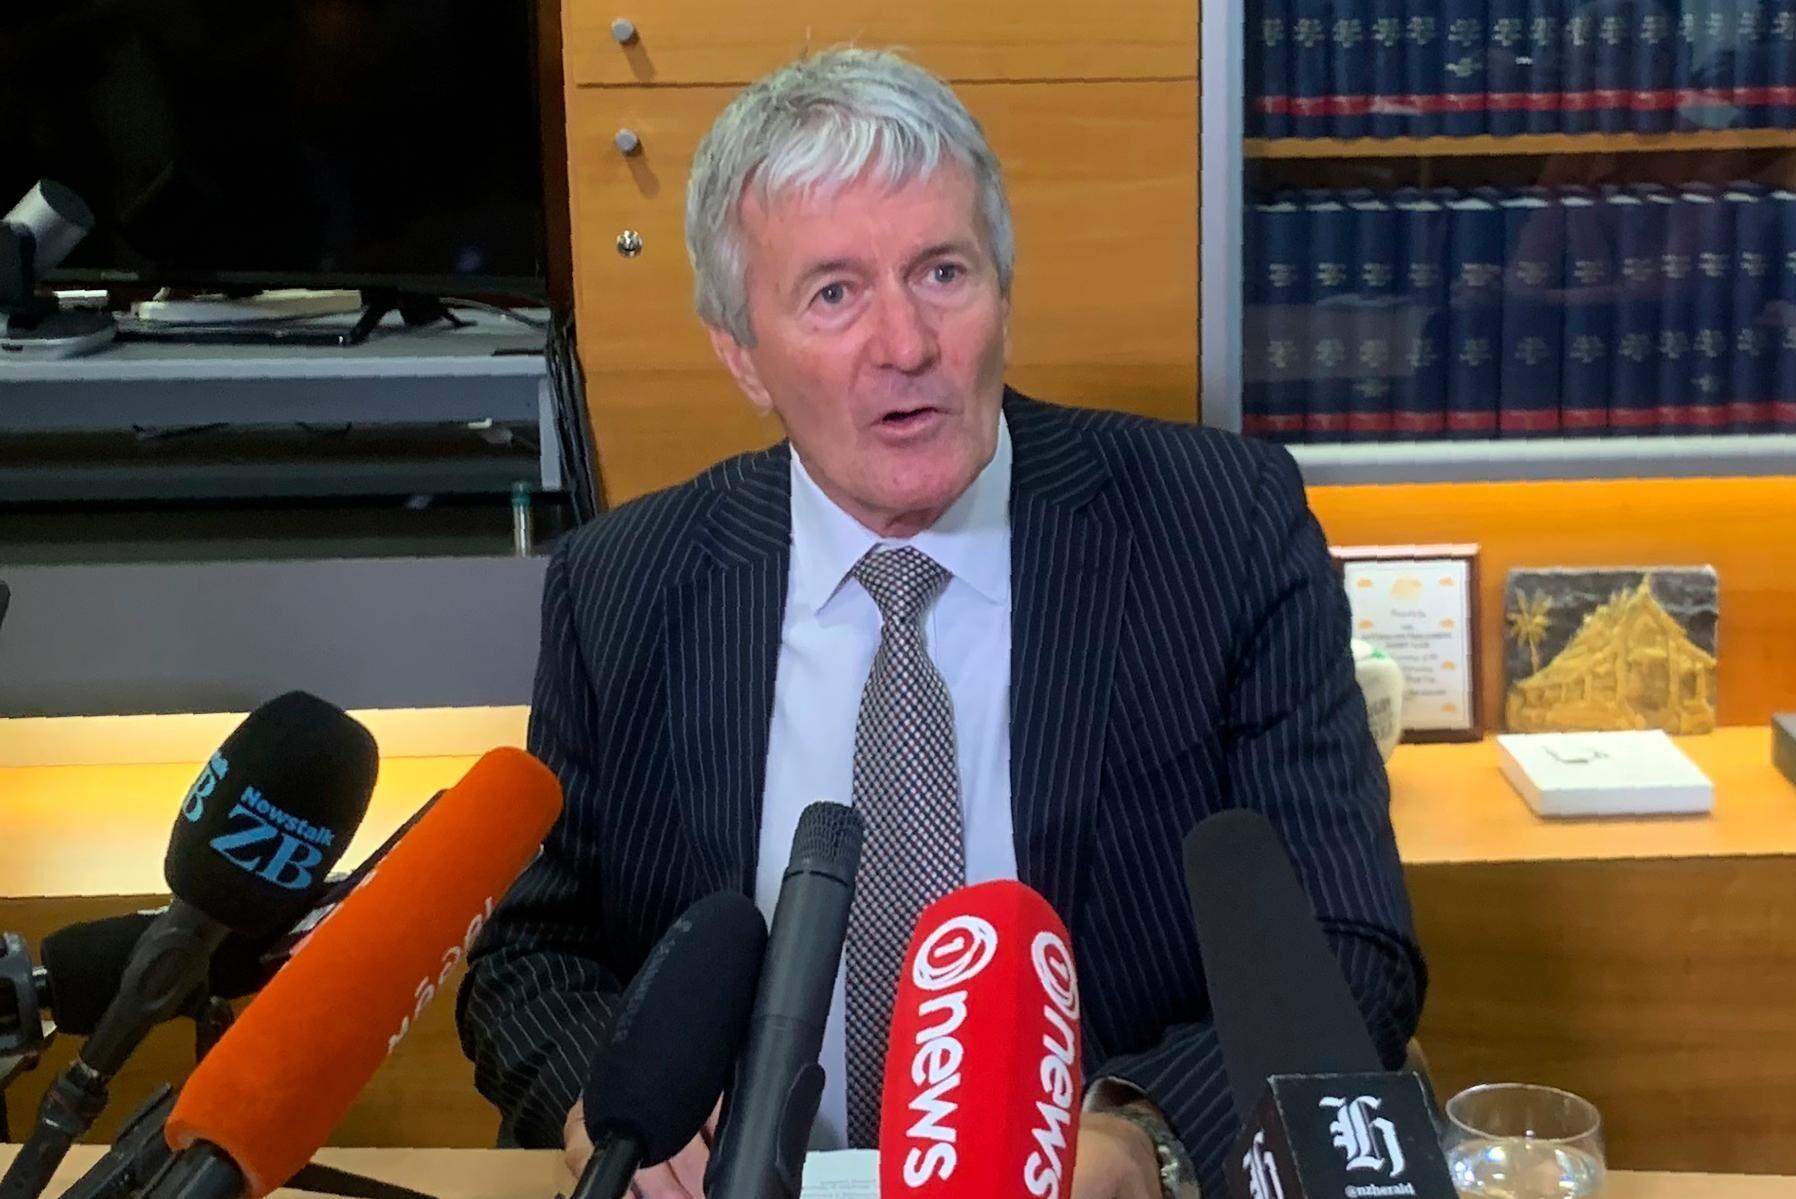 Nya Zeelands jordbruksminister Damien O'Connor pratar med media på onsdagen efter att beslutet om exportförbud har klubbats.